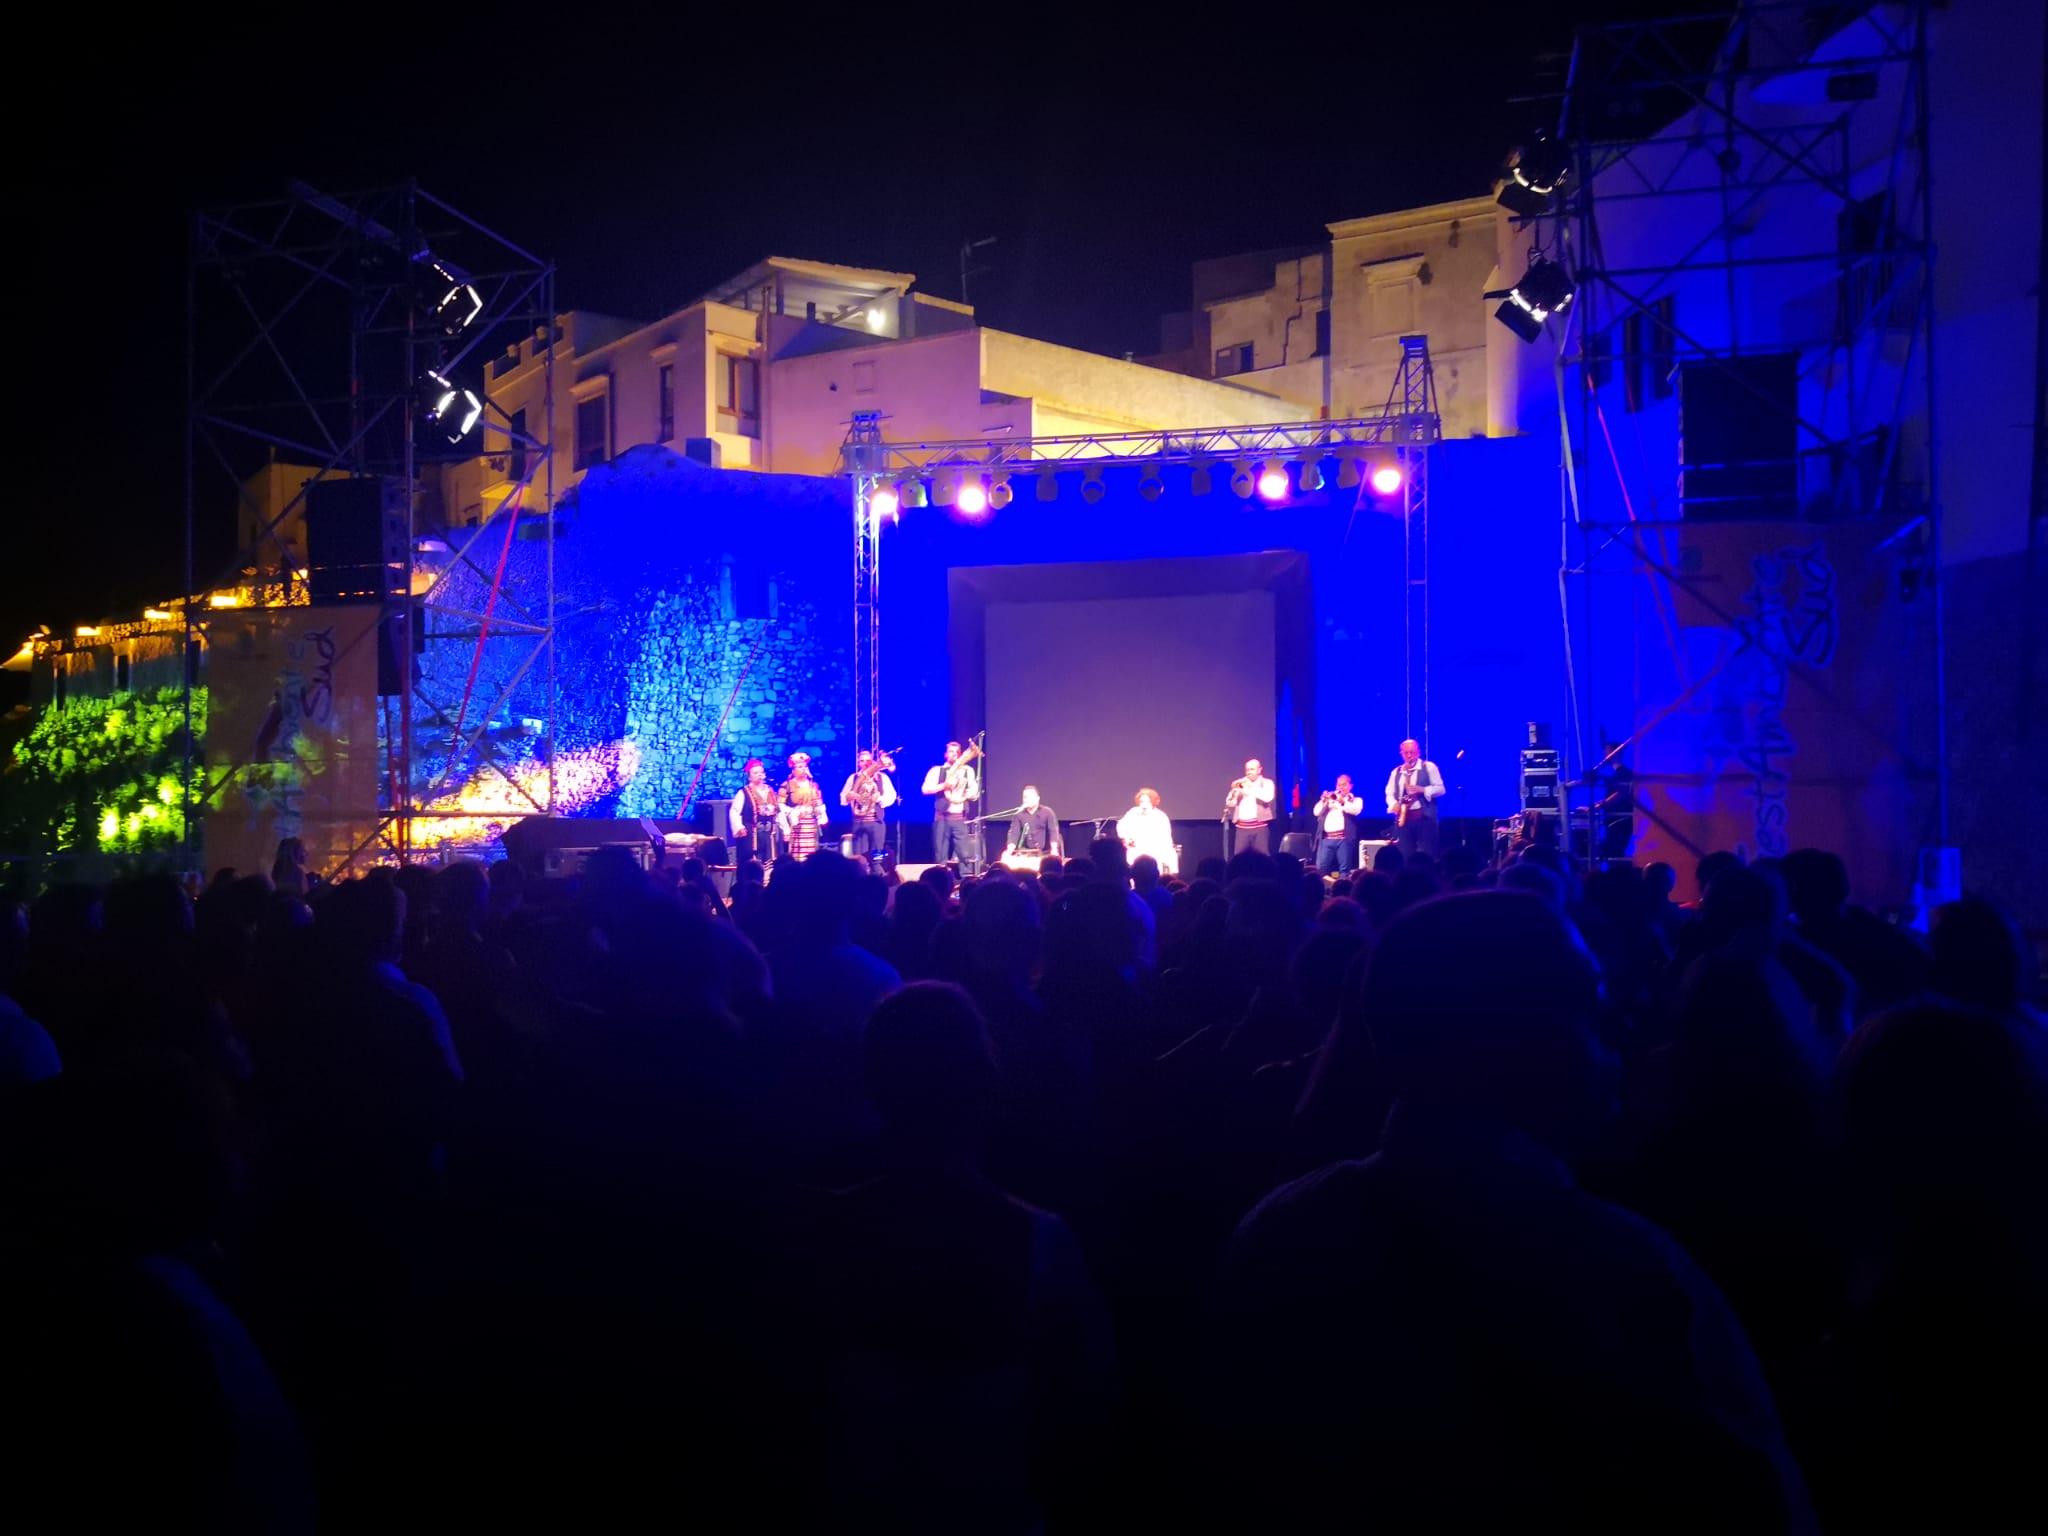 Torna l'appuntamento con FestambienteSud, il festival nazionale di Legambiente